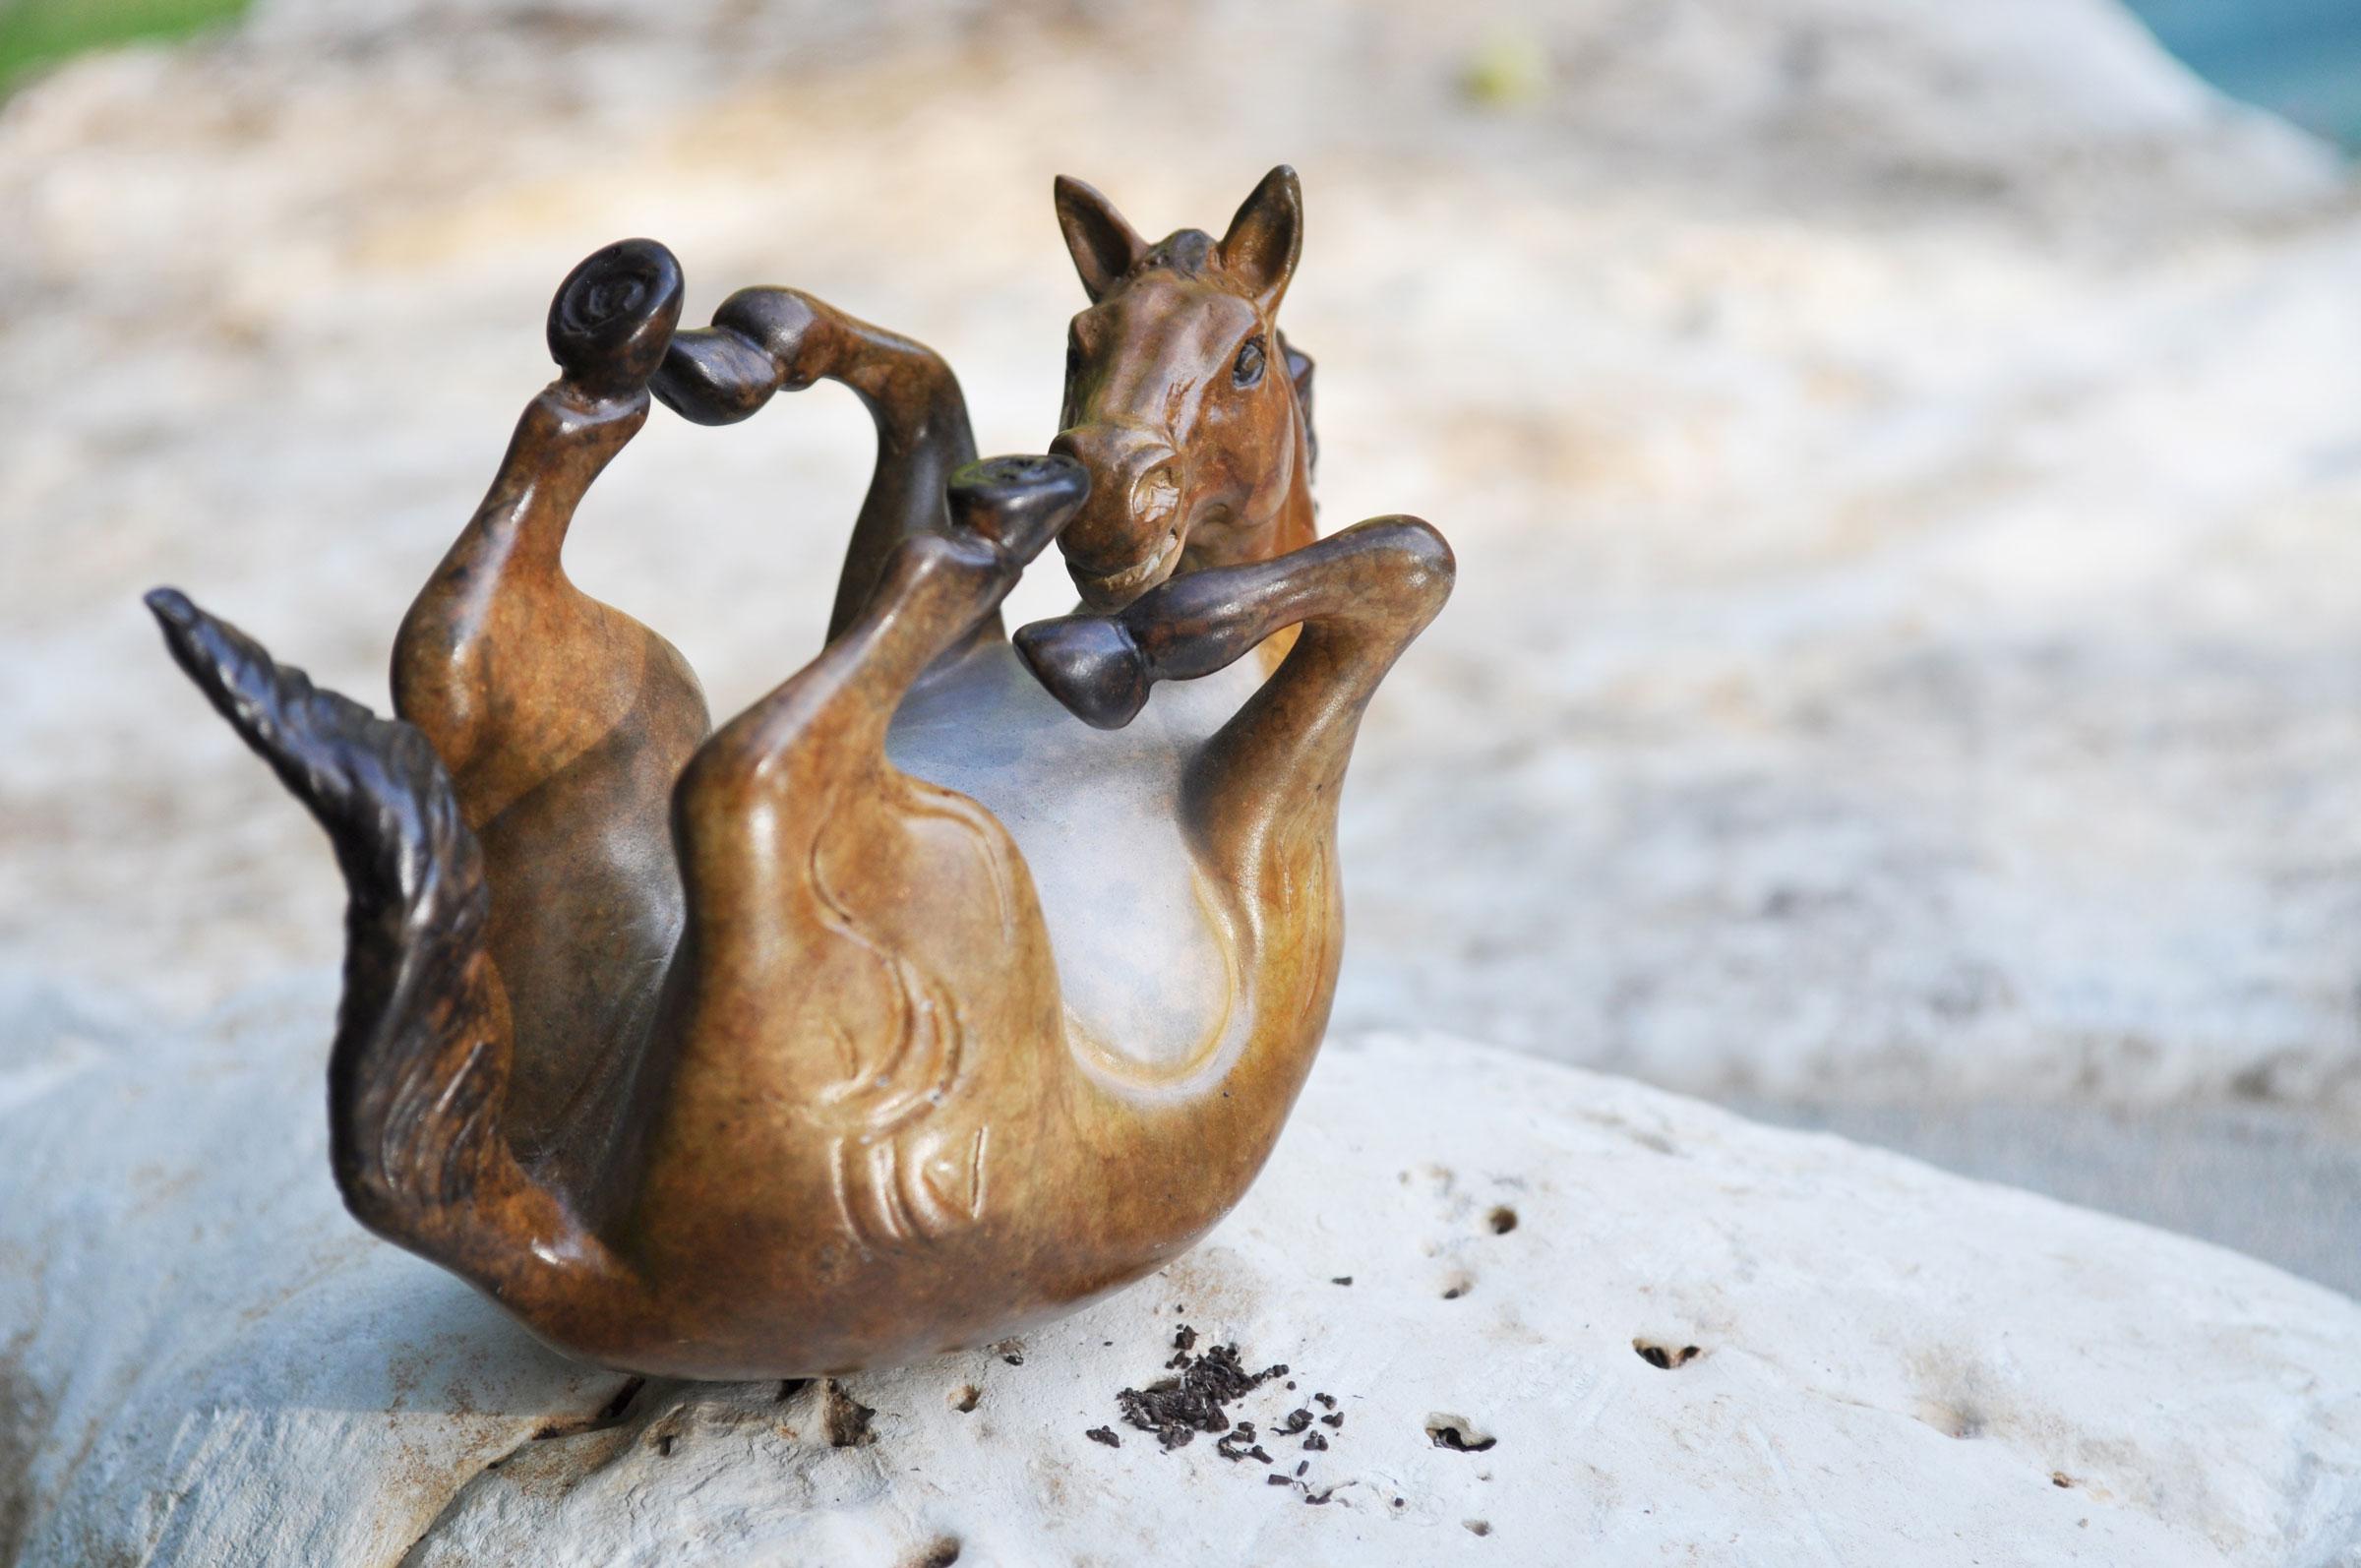 bronze-rolling-horse-sculpture-john-maisano-23.jpg